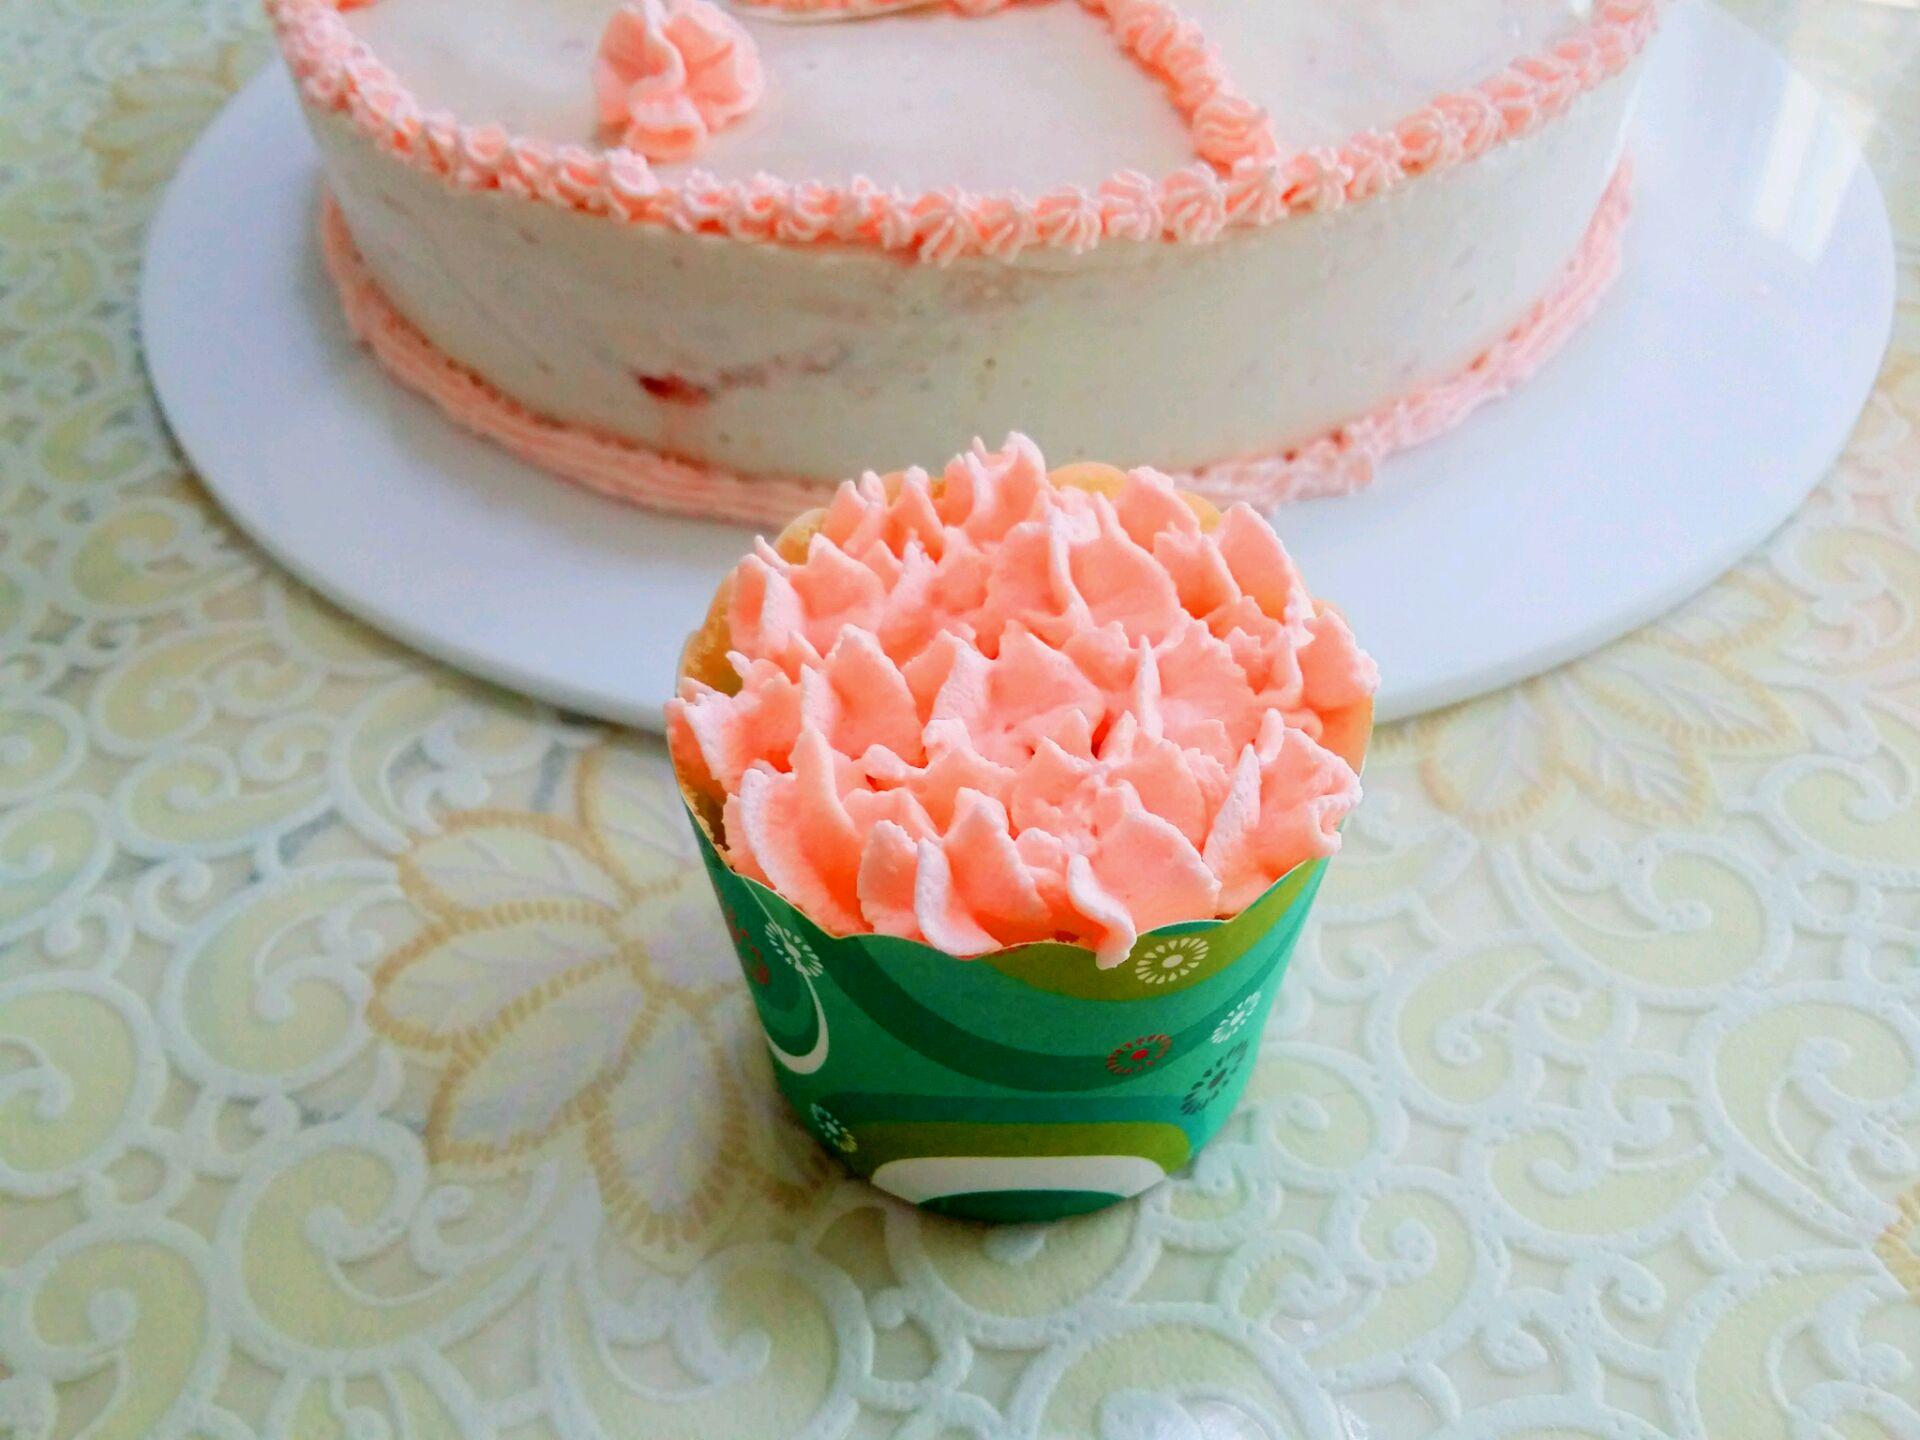 蔓越莓杯子蛋糕的做法_【图解】蔓越莓杯子蛋糕怎么做